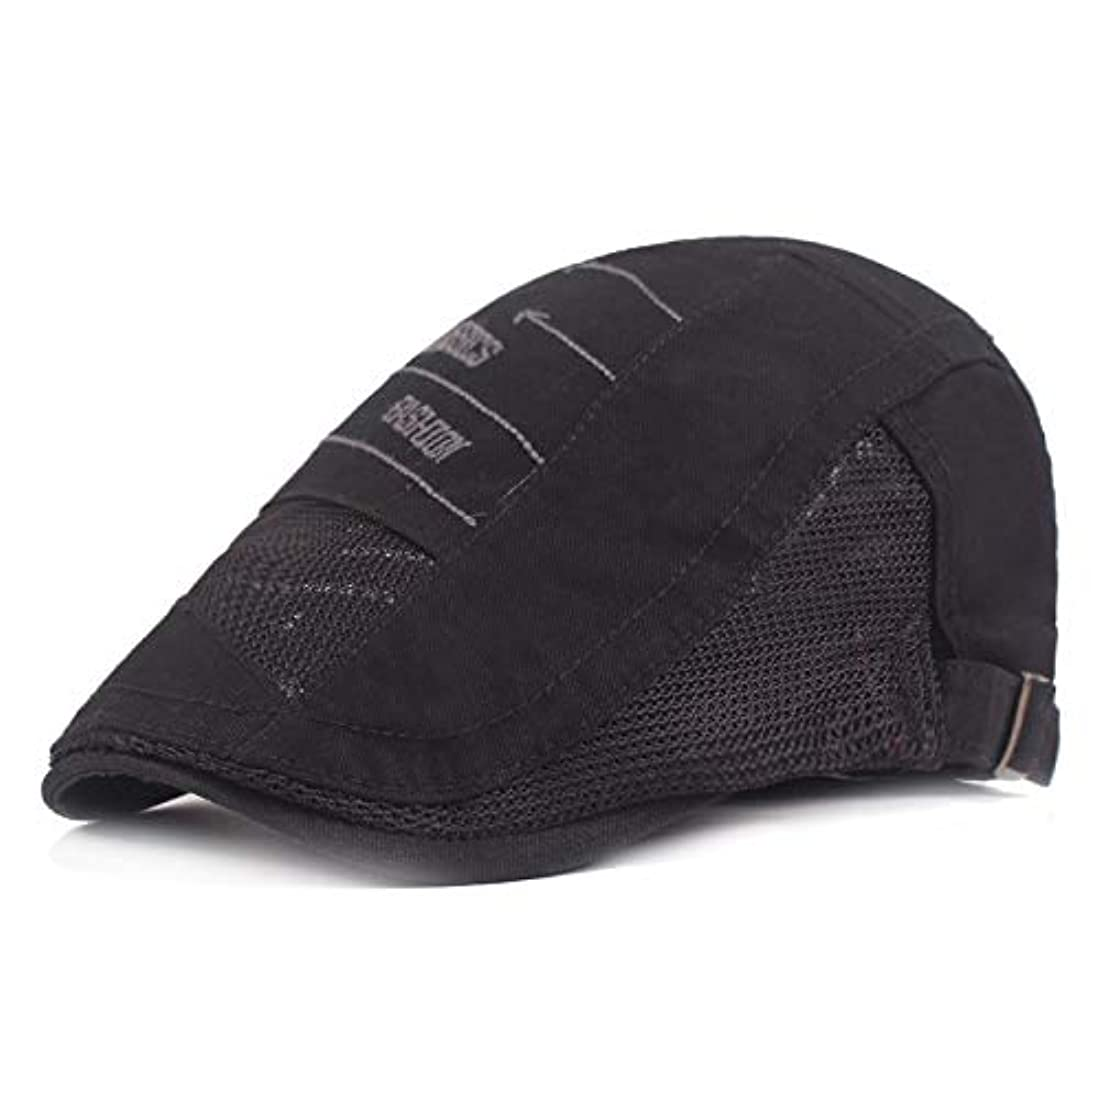 懲戒試すしてはいけませんサマー ベレー帽 メッシュ キャスケットハンチング帽 メンズ レディース ハット トレッキング日よけ 帽子